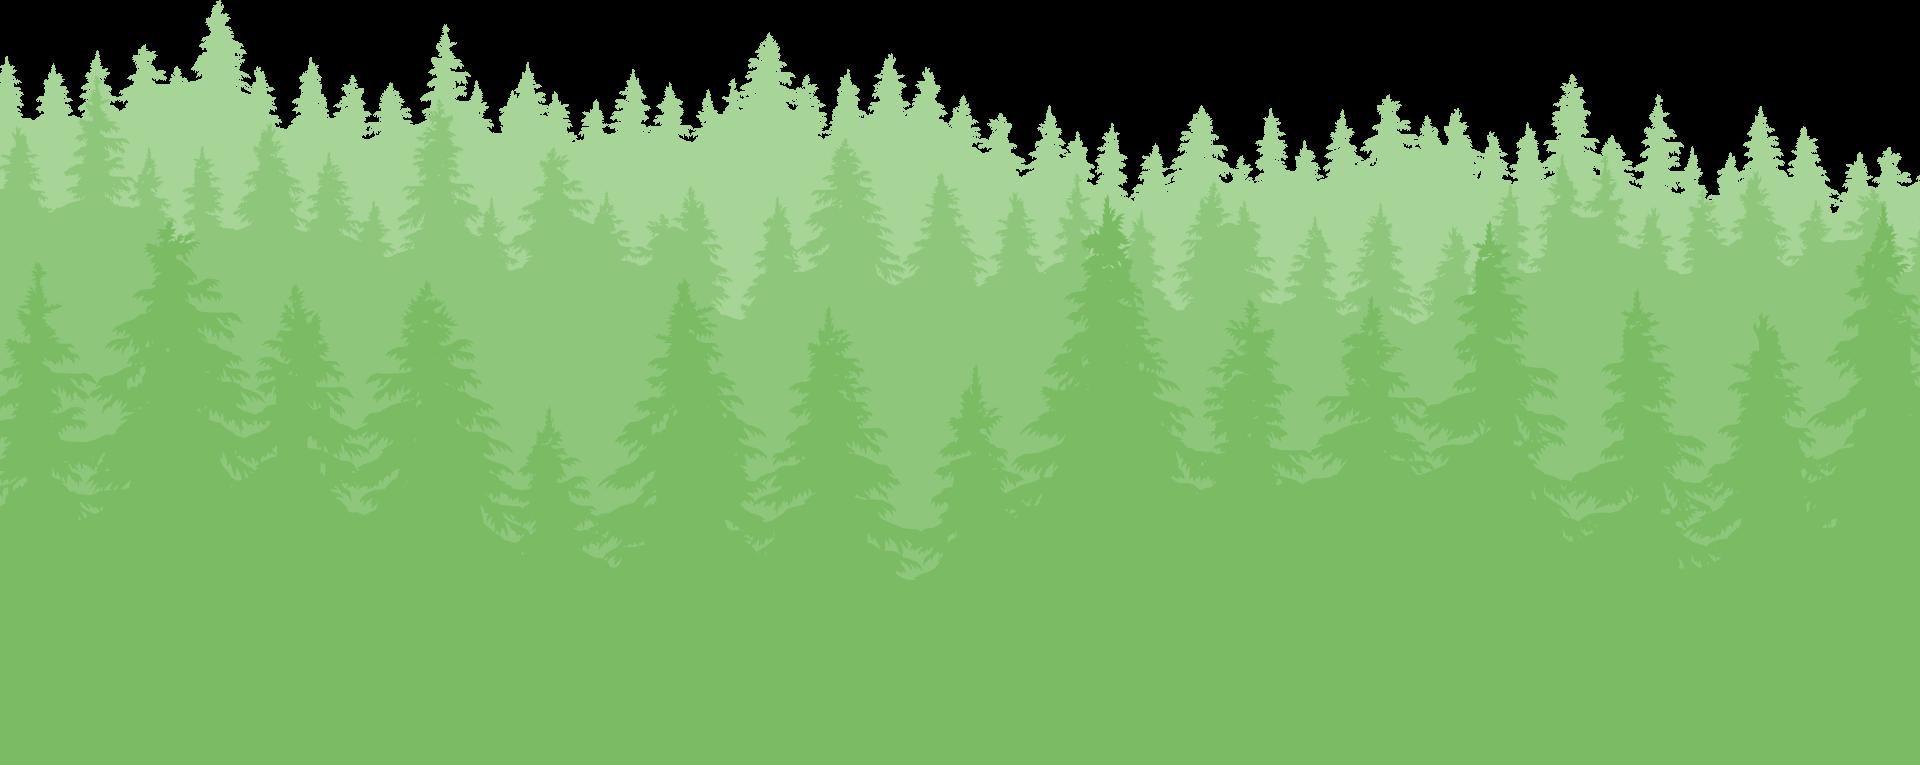 vSign green bg